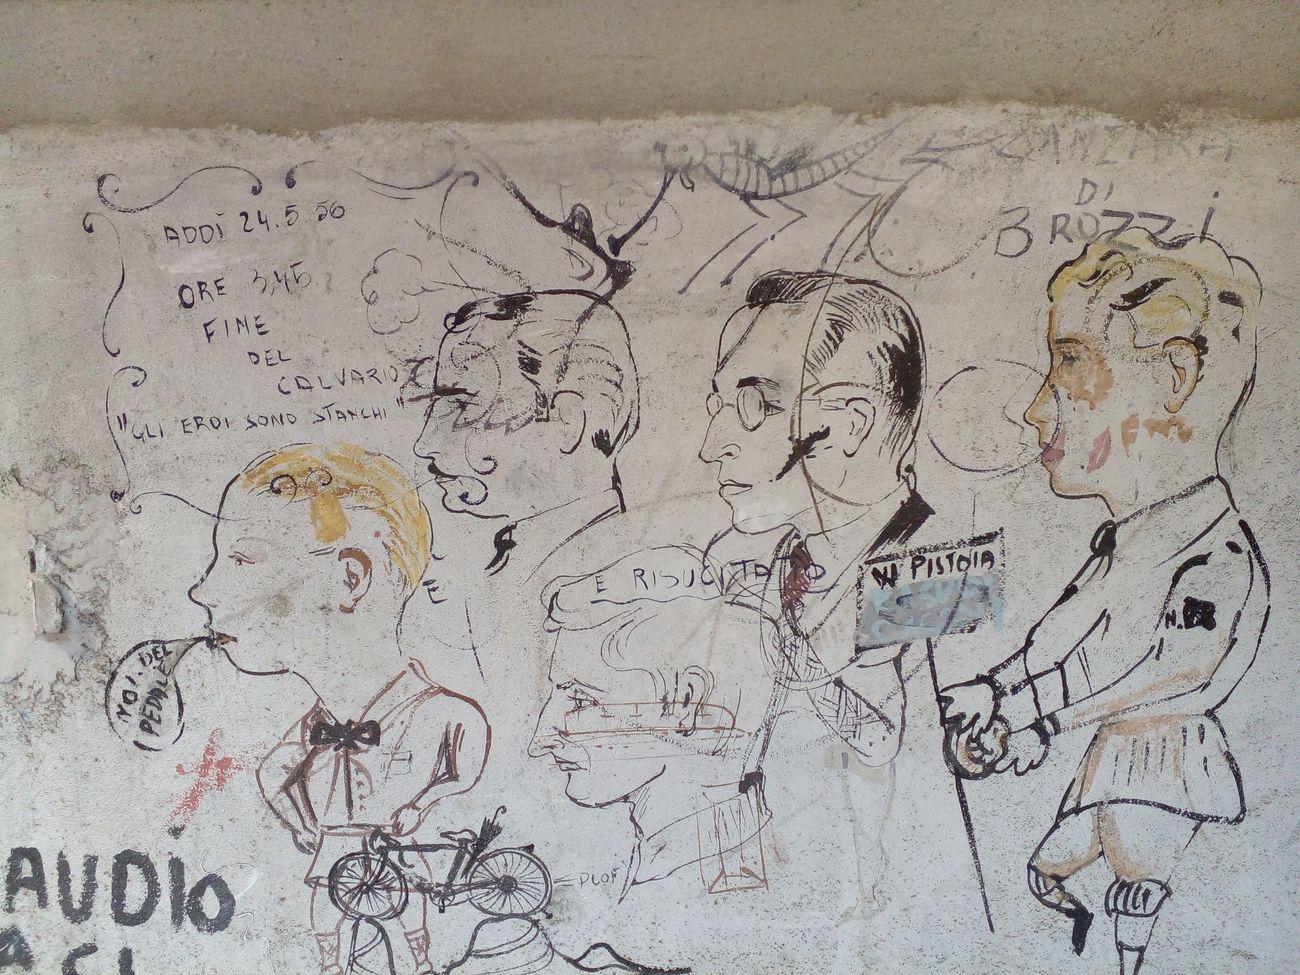 Fornace del Museo, Montelupo Fiorentino, disegni su parete, anni '50